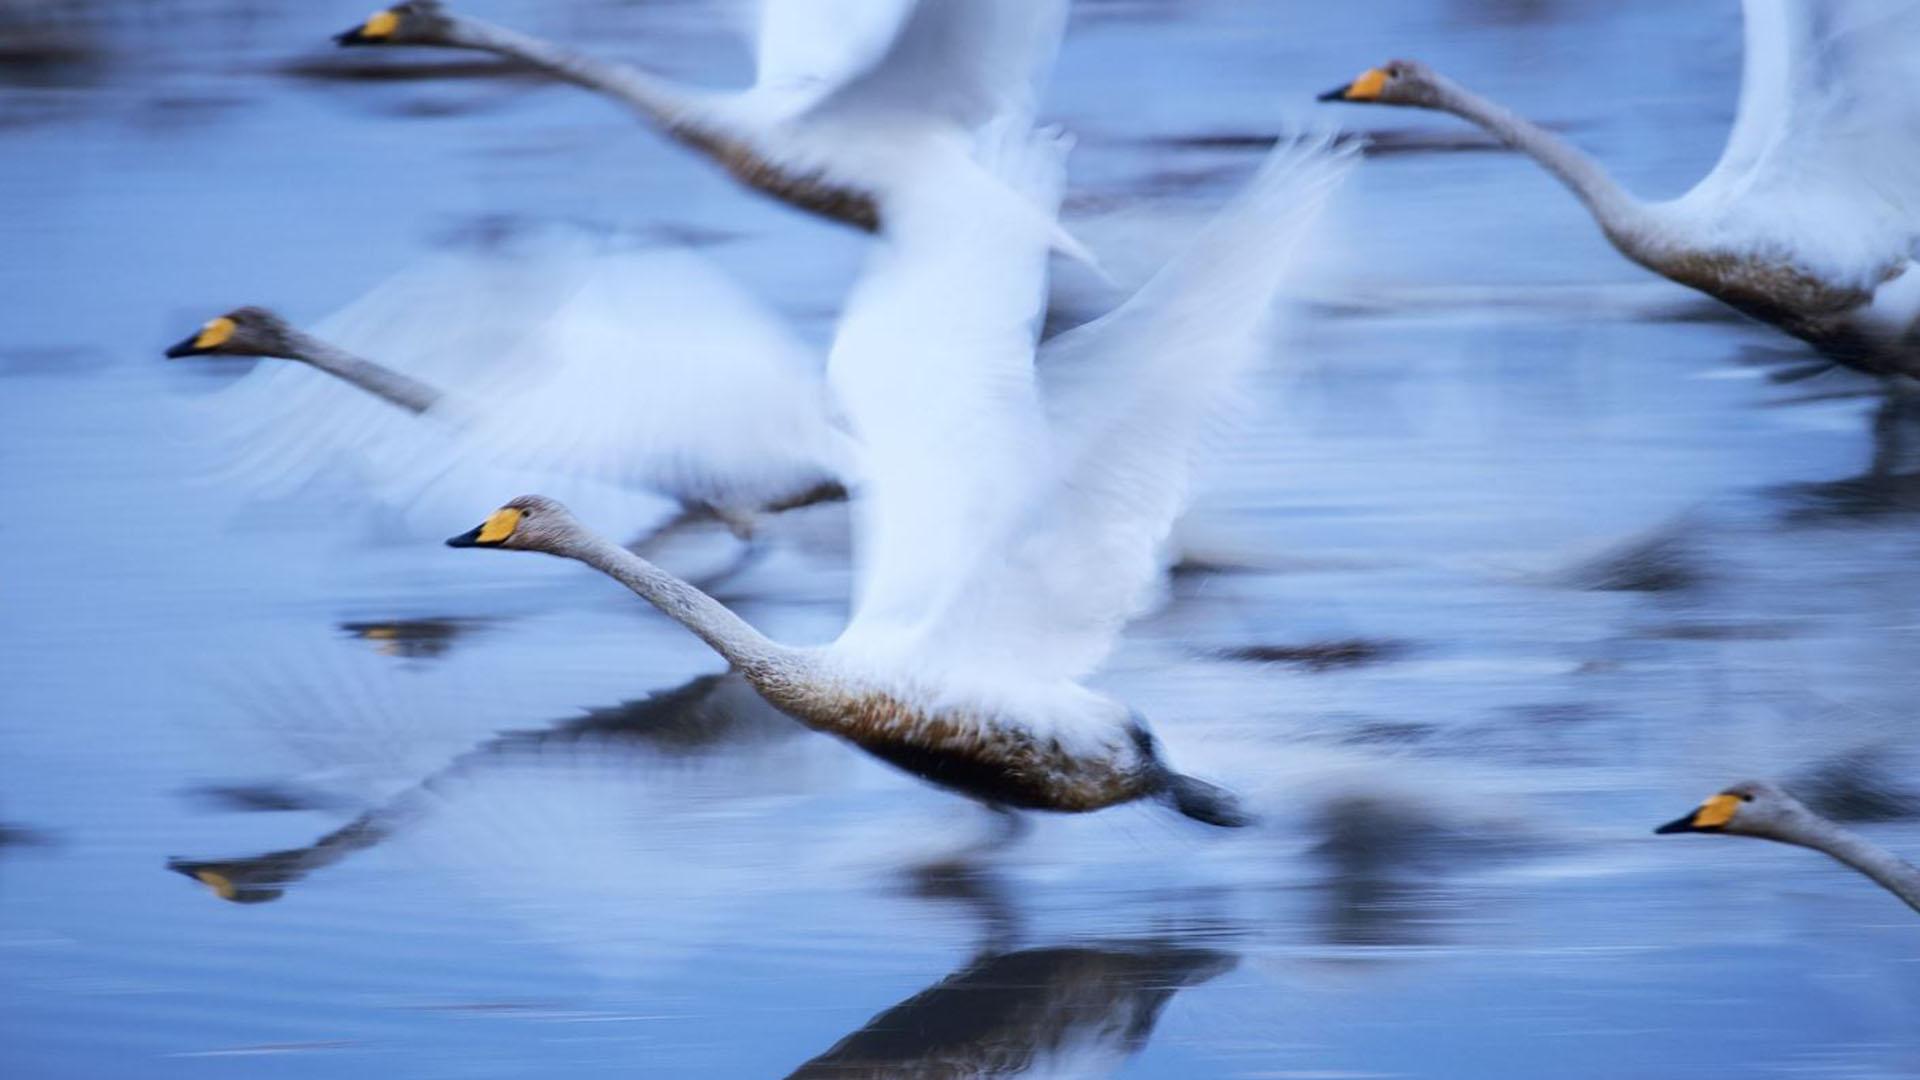 Naturaleza – Segundo lugar. Cisnes se trasladan sobre el agua en una zona protegida de Osaki, Japón. Por Hiromi Kano